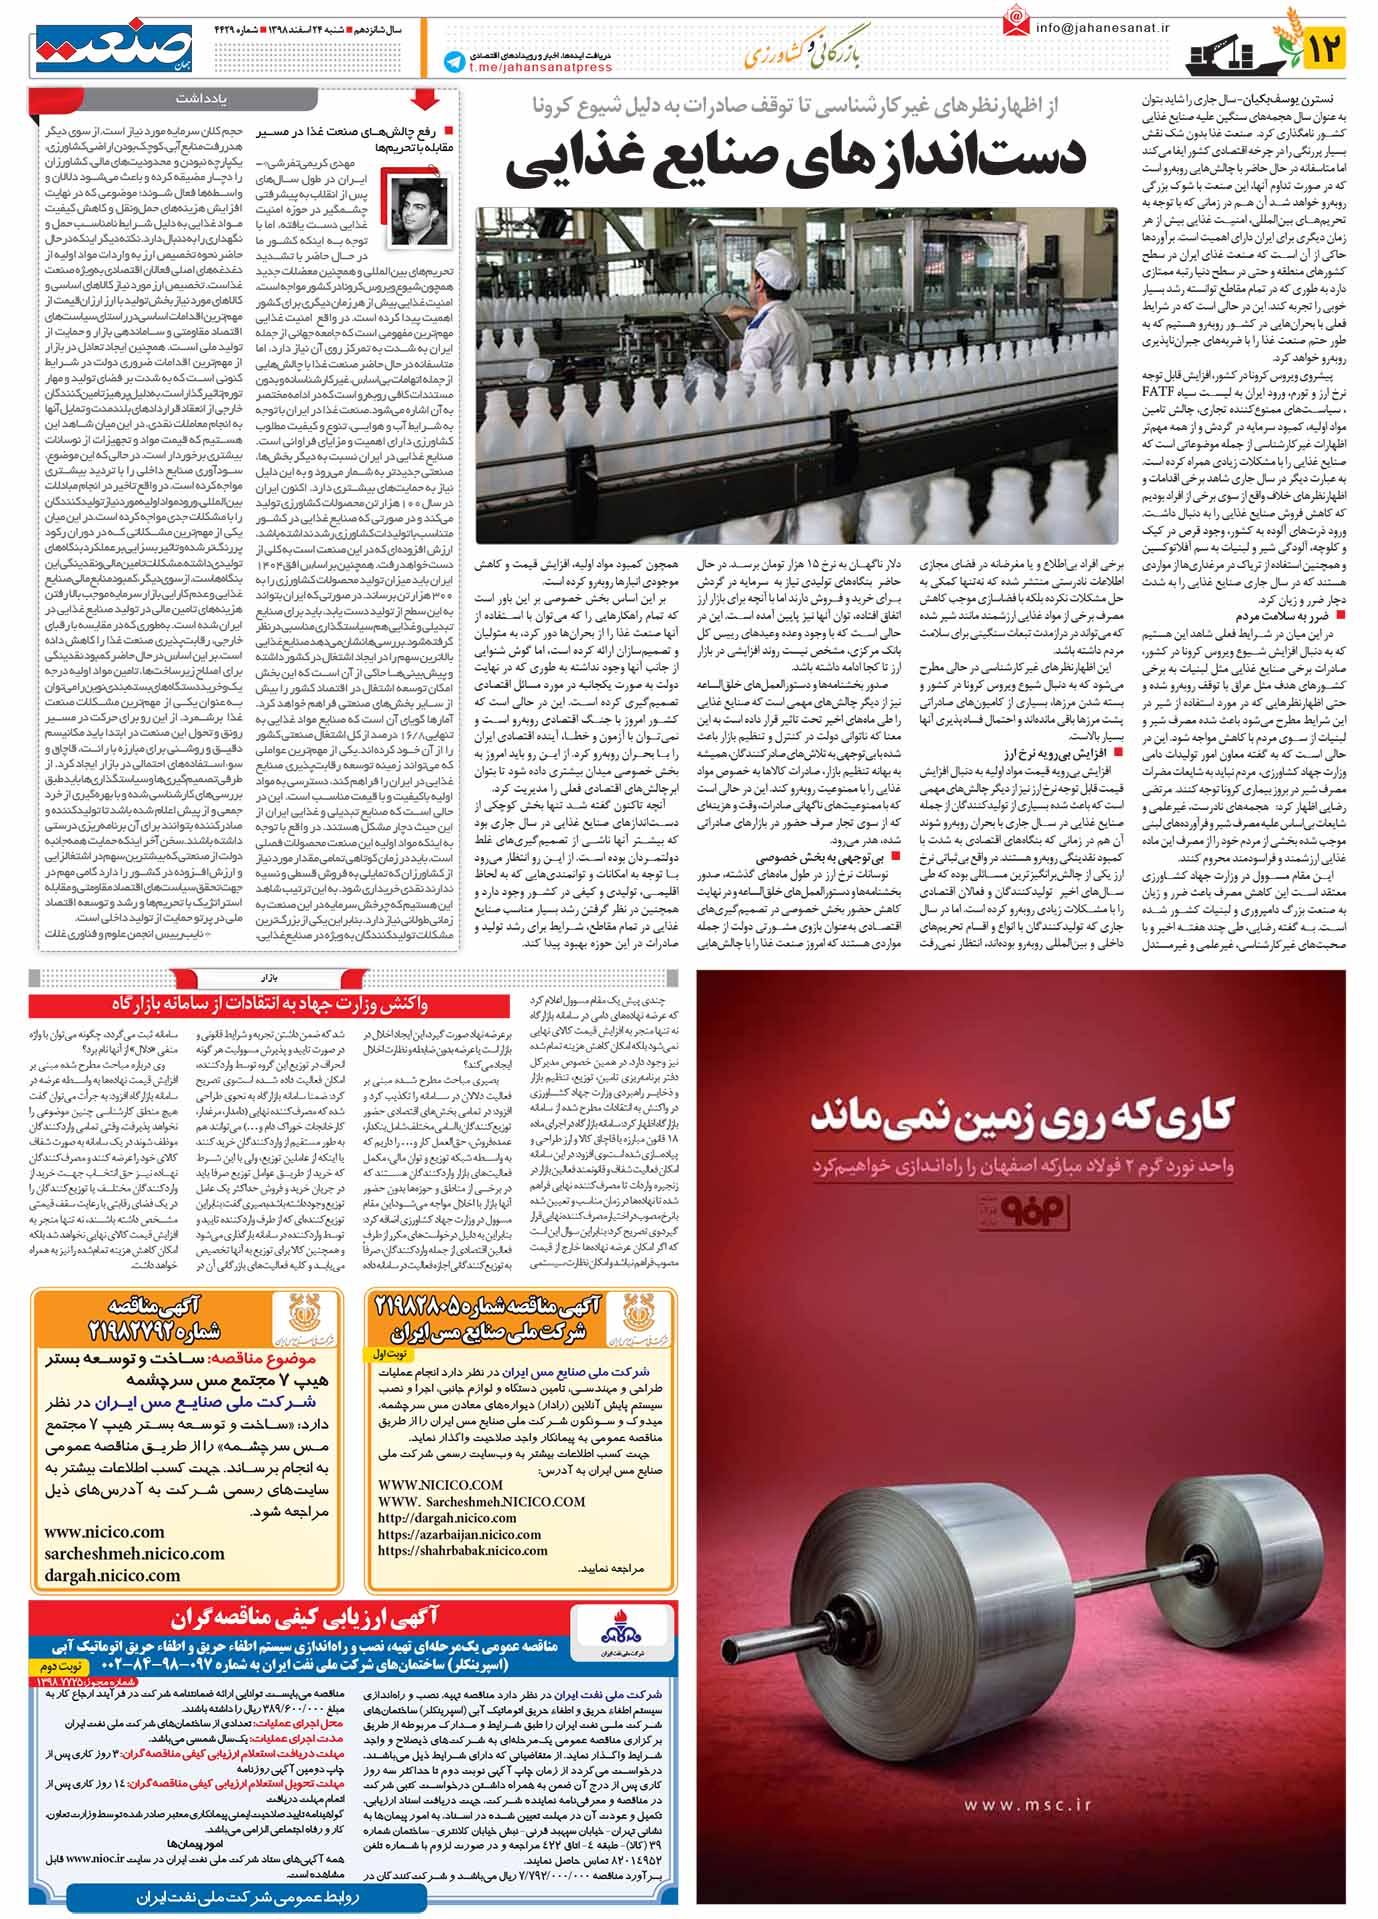 صفحه ۱۲- ۲۴اسفند ۱۳۹۸